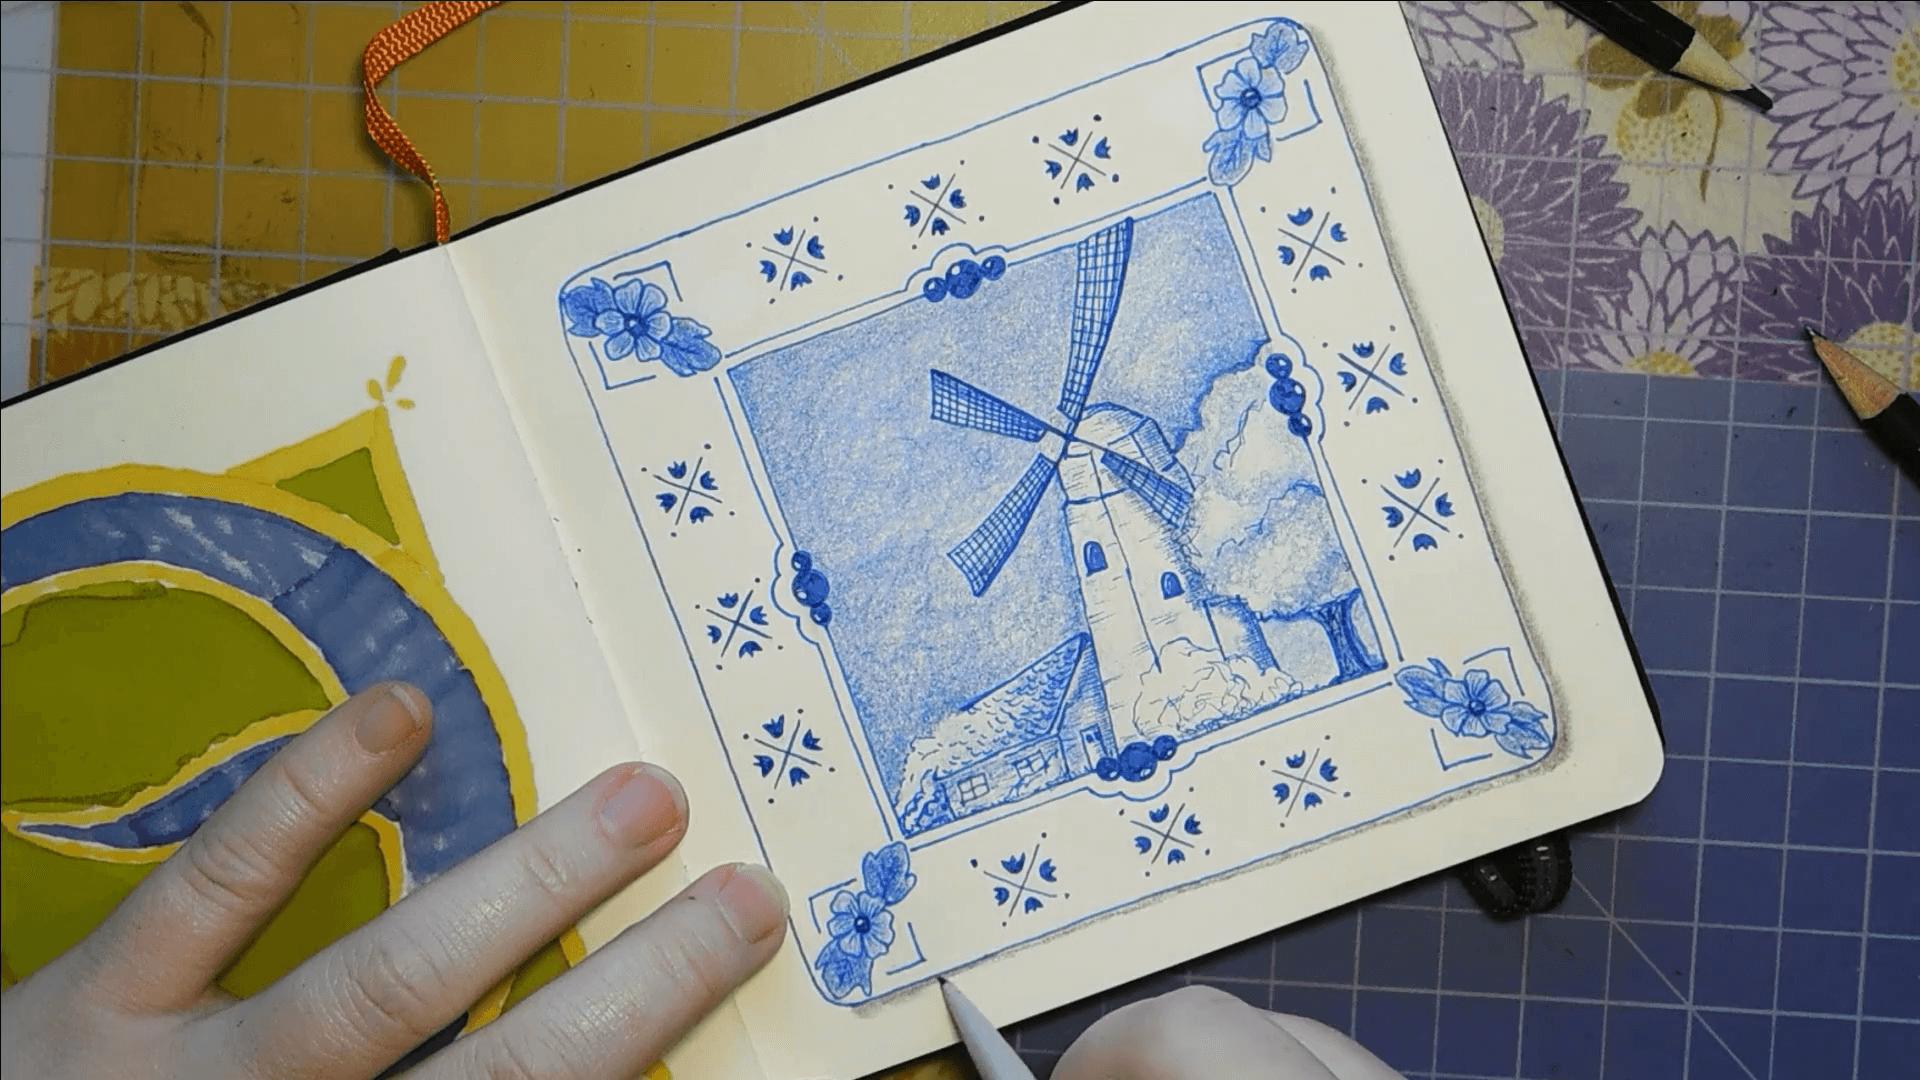 Inktober Zentangle Challenge Day 9 image - Delft inspired Zentangle art